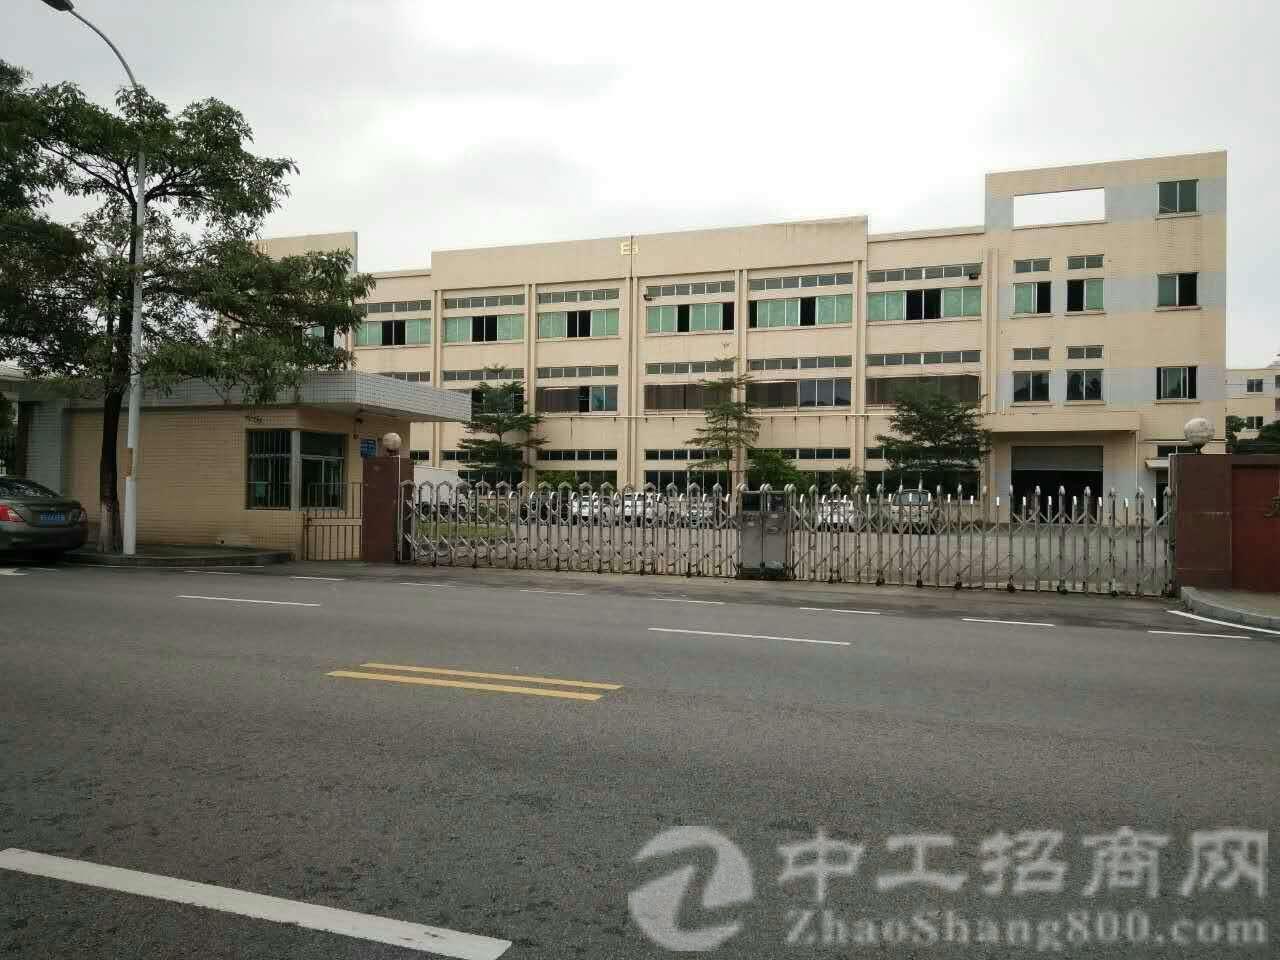 茶山新出厂房3800平方, 宿舍1631平方独立变压嚣250